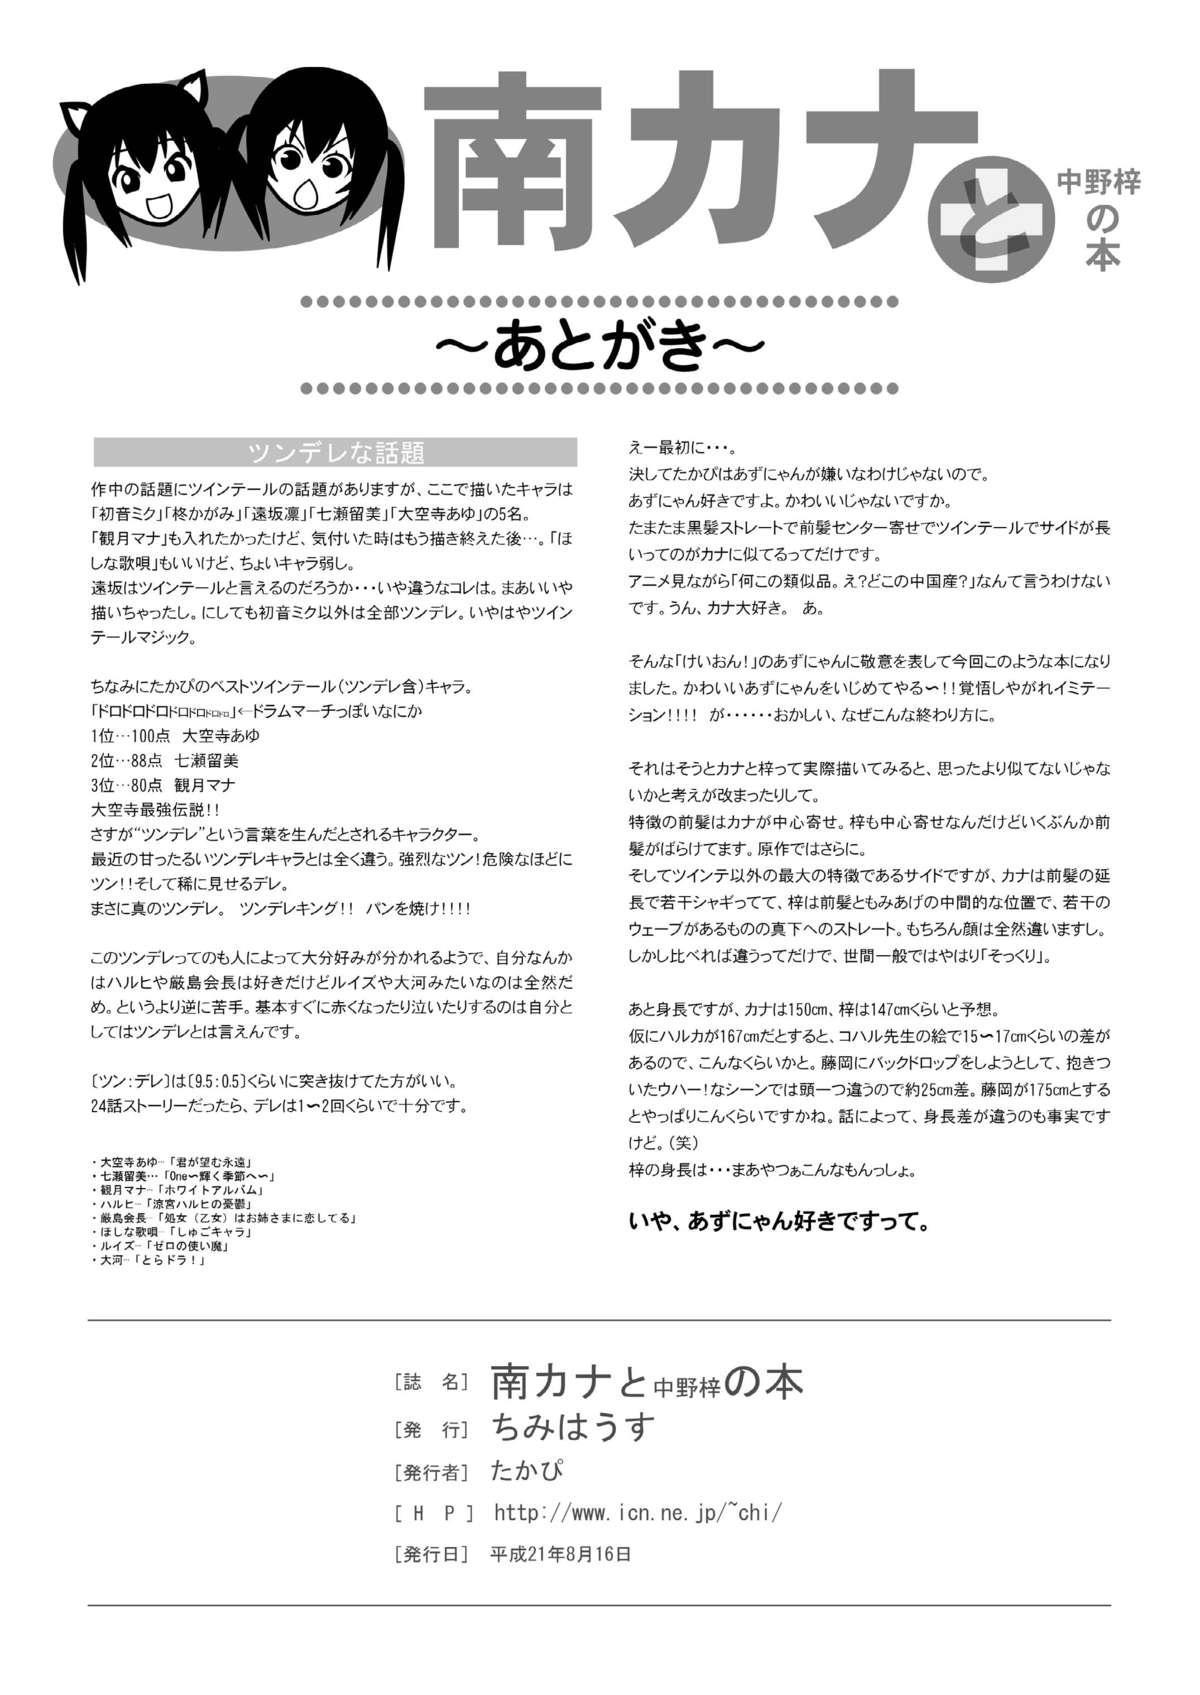 Minami Kana to Nakano Azusa no Hon 20